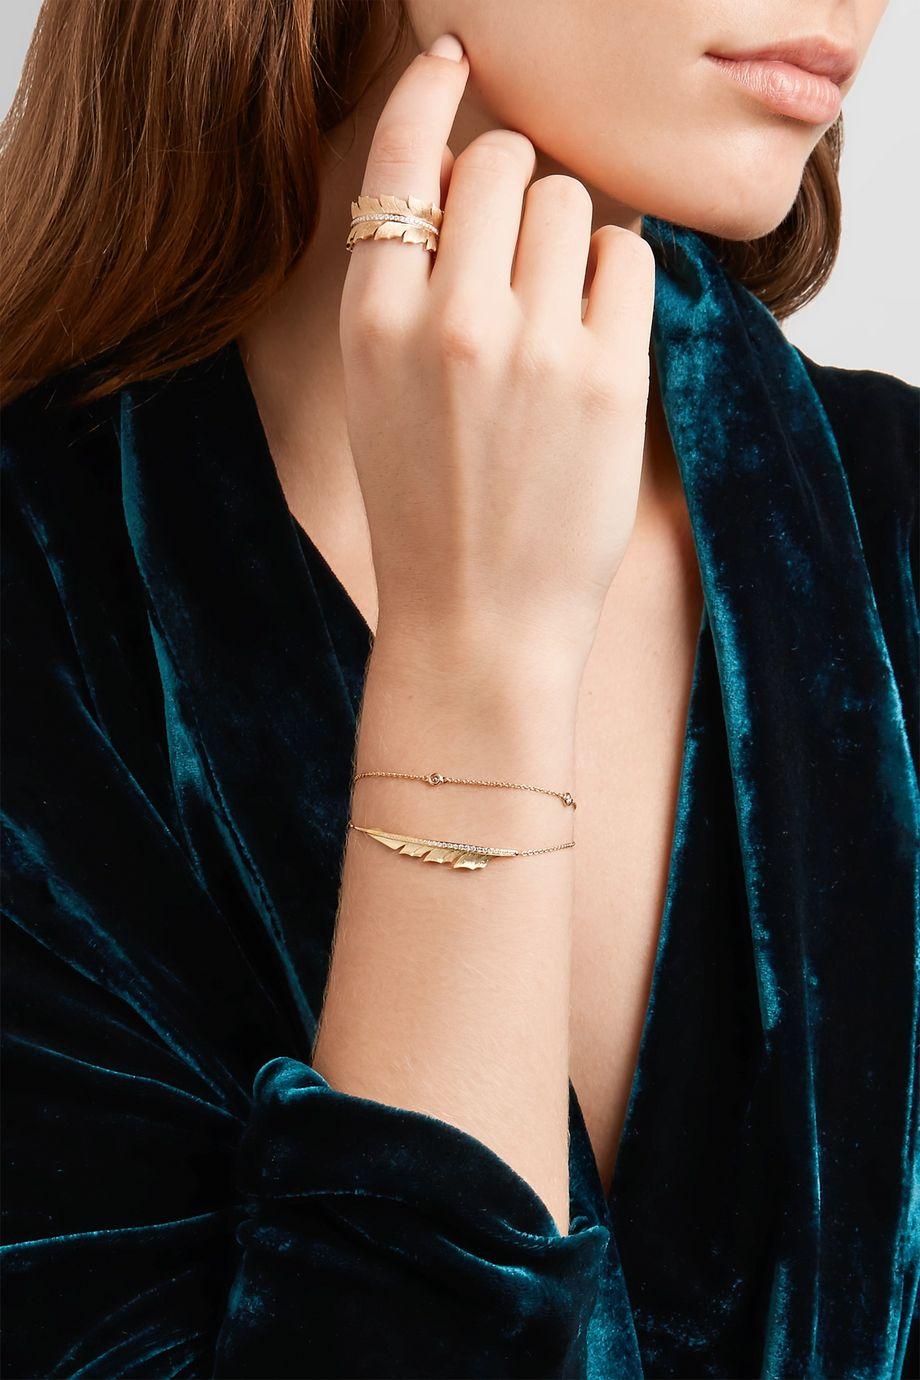 Stephen Webster Magnipheasant 18-karat gold diamond bracelet